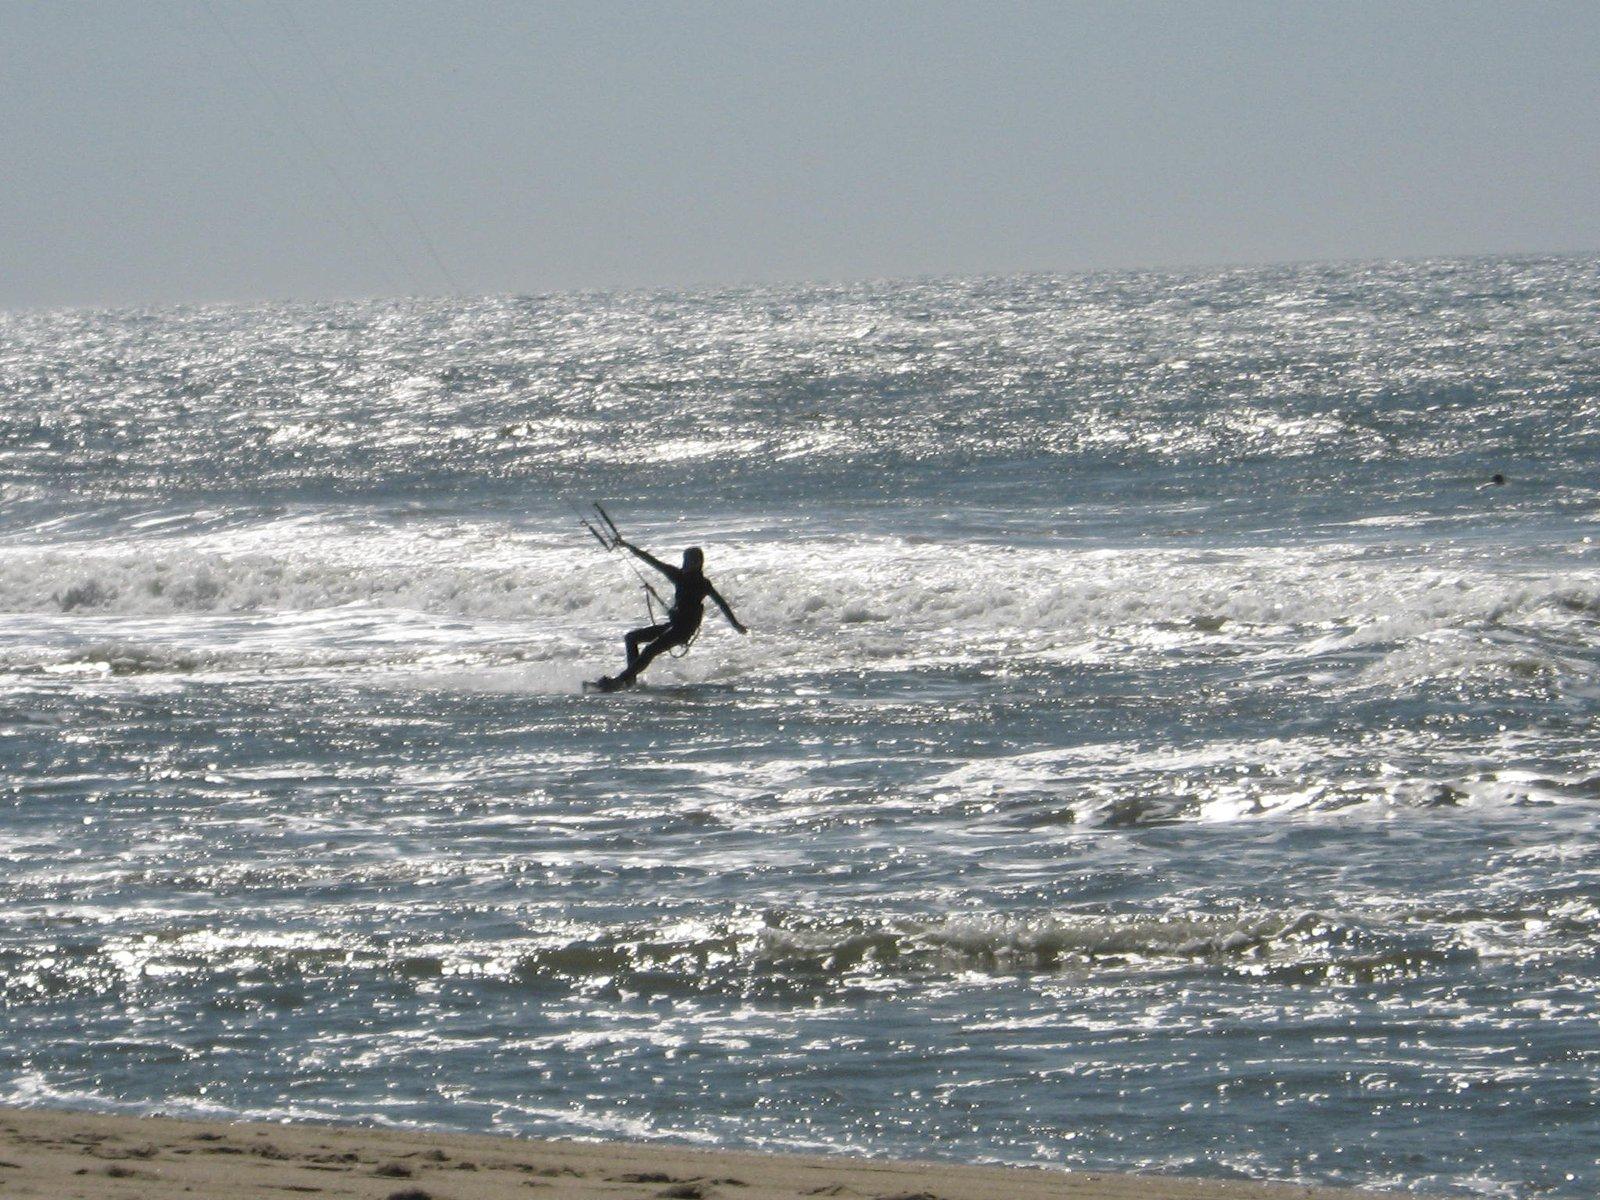 Kiting at sanfran